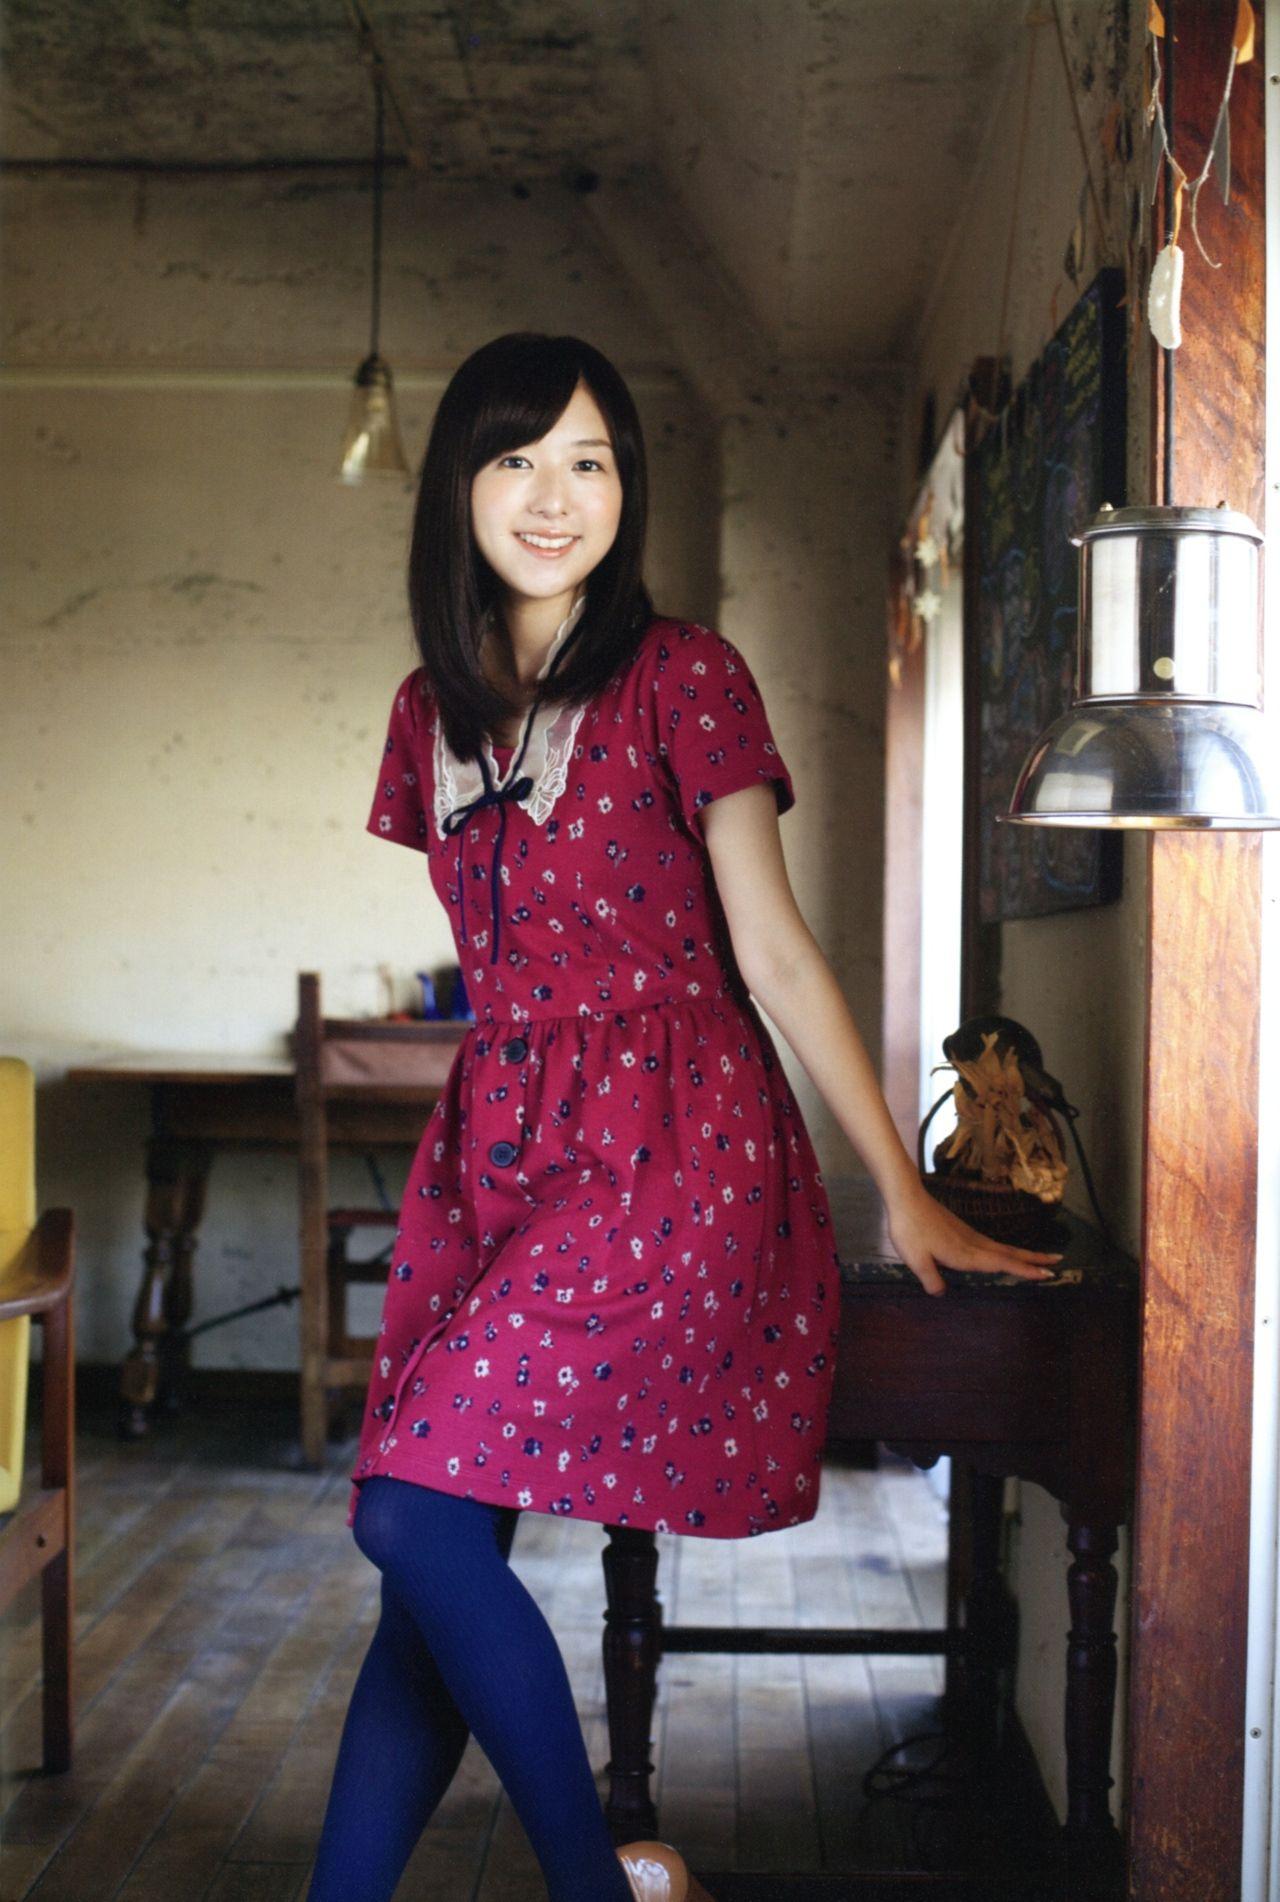 茅野愛衣さんのコスチューム